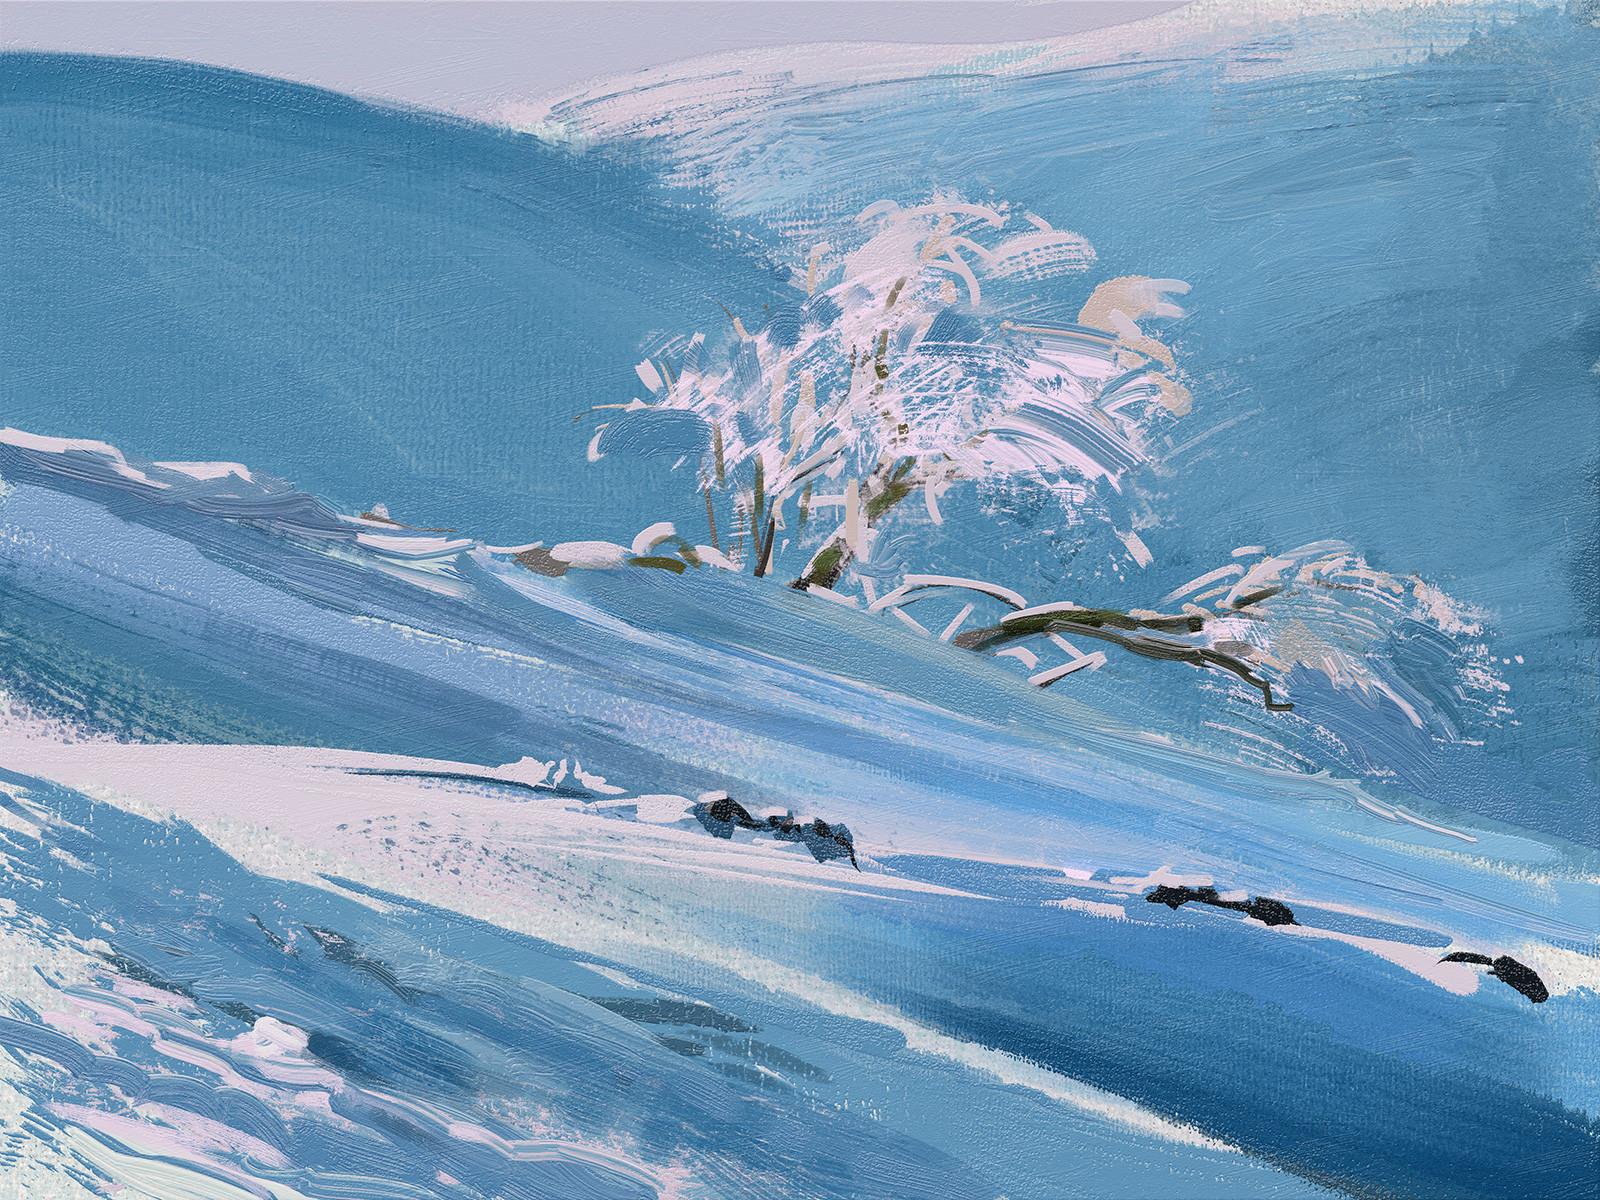 Tymoteusz chliszcz winter landscape 49 by chliszcz